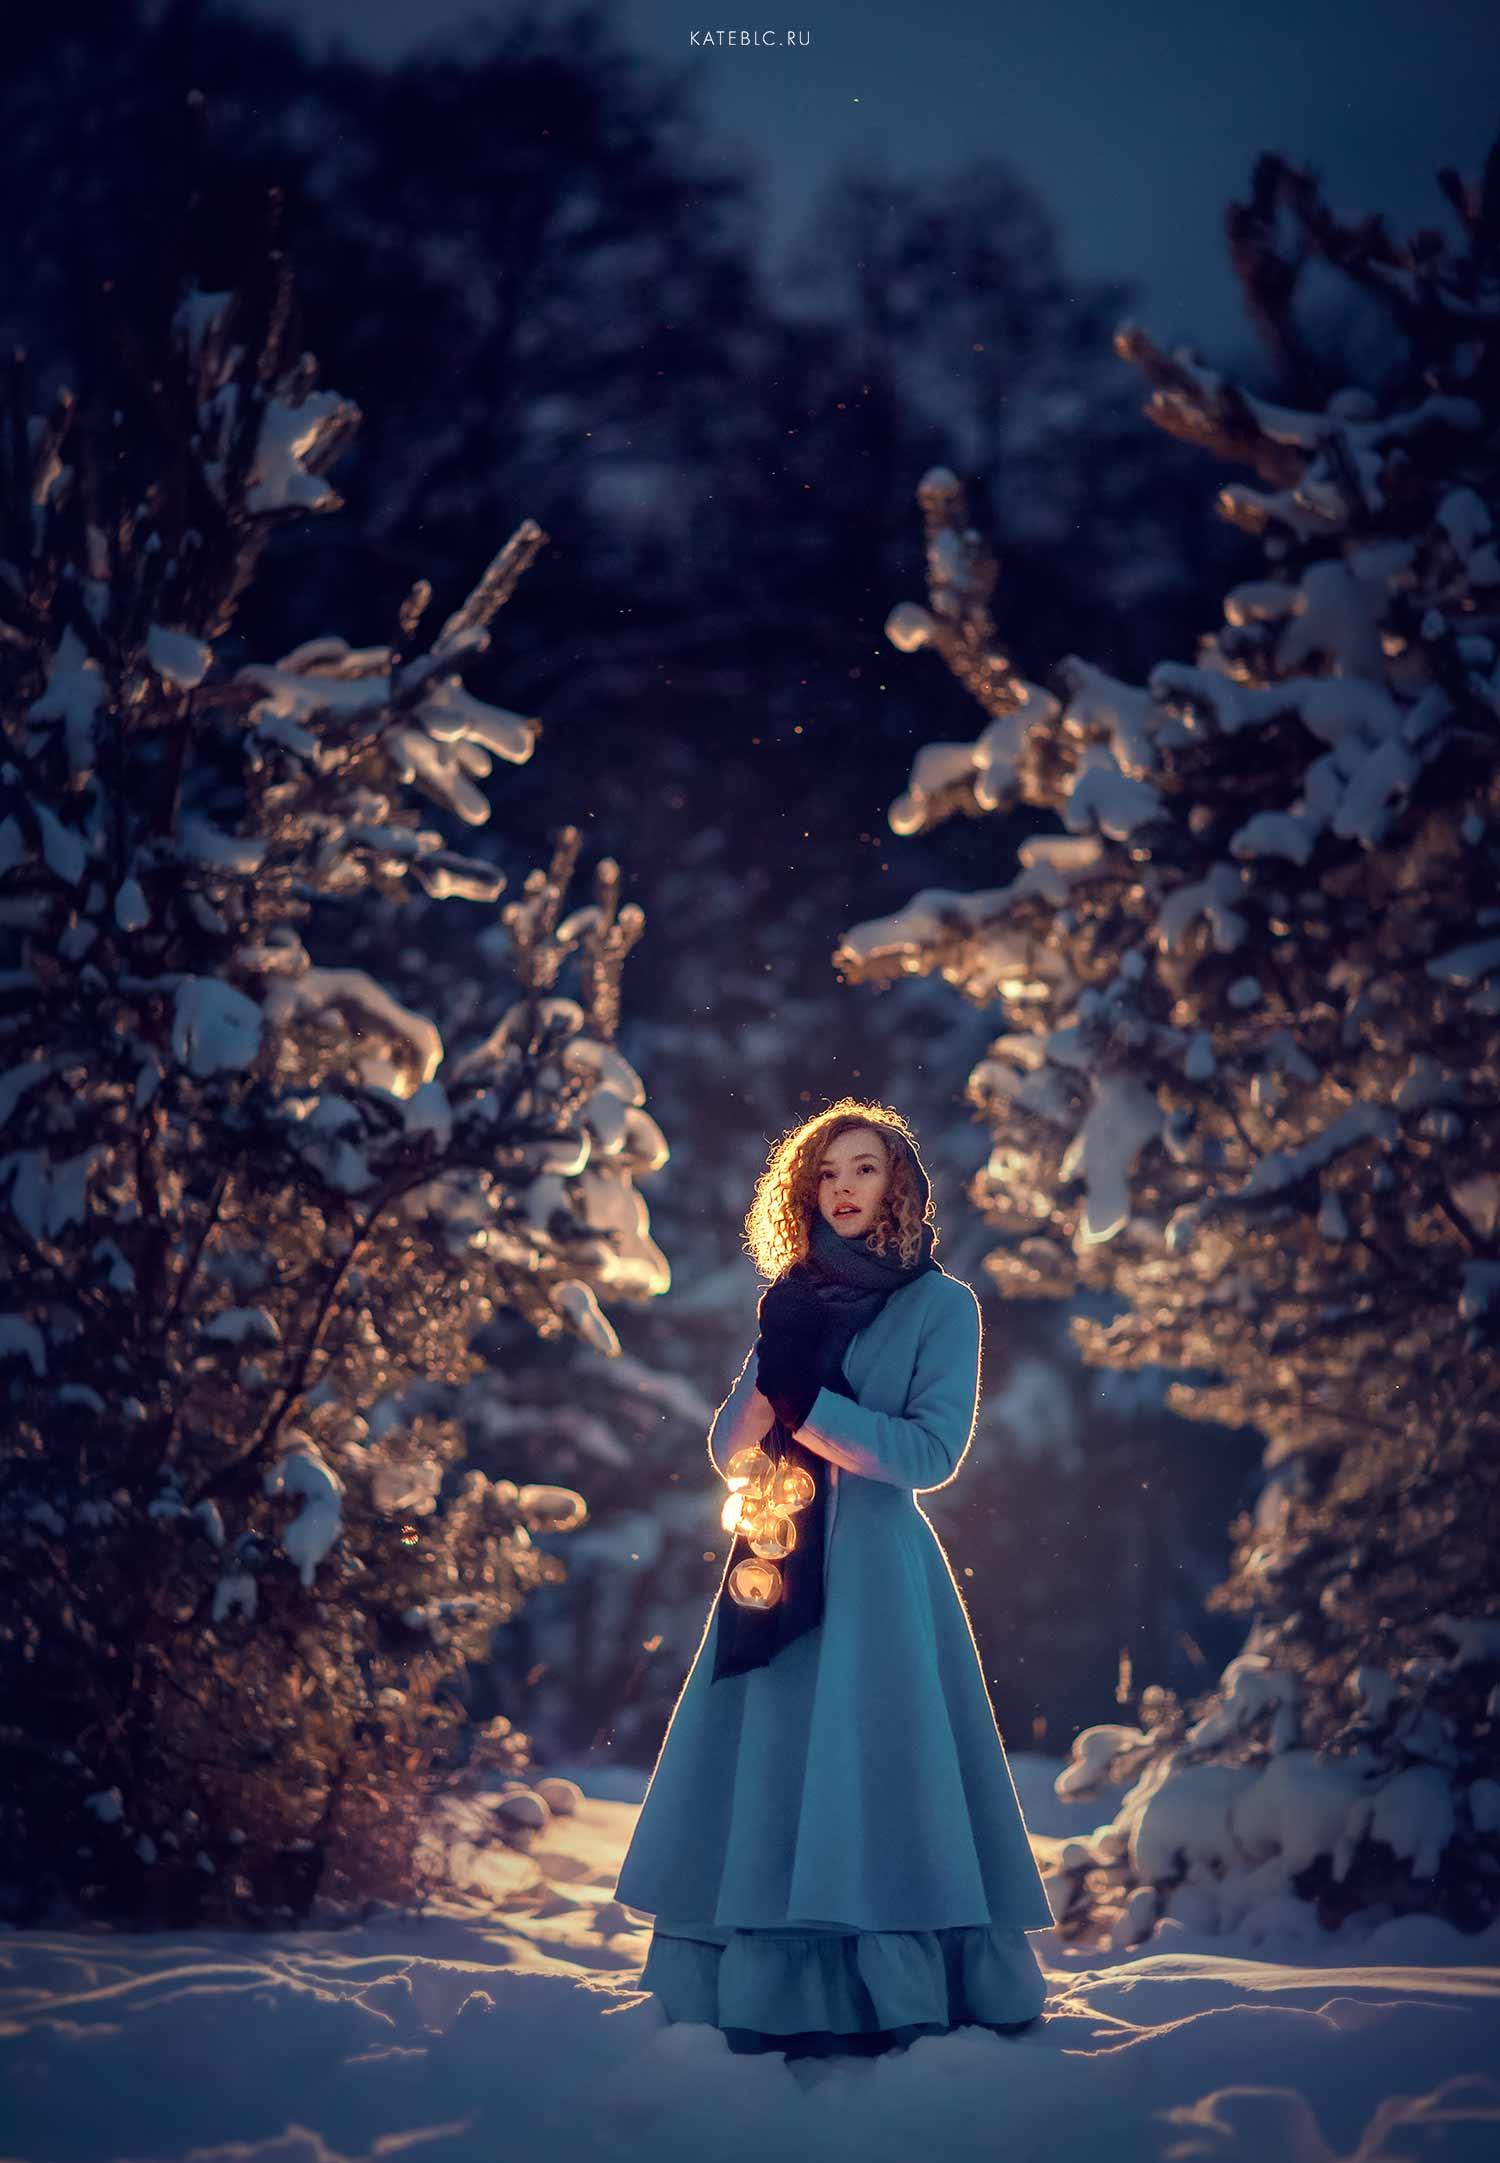 зимняя фотосессия в Москве. Катрин Белоцерковская фотограф